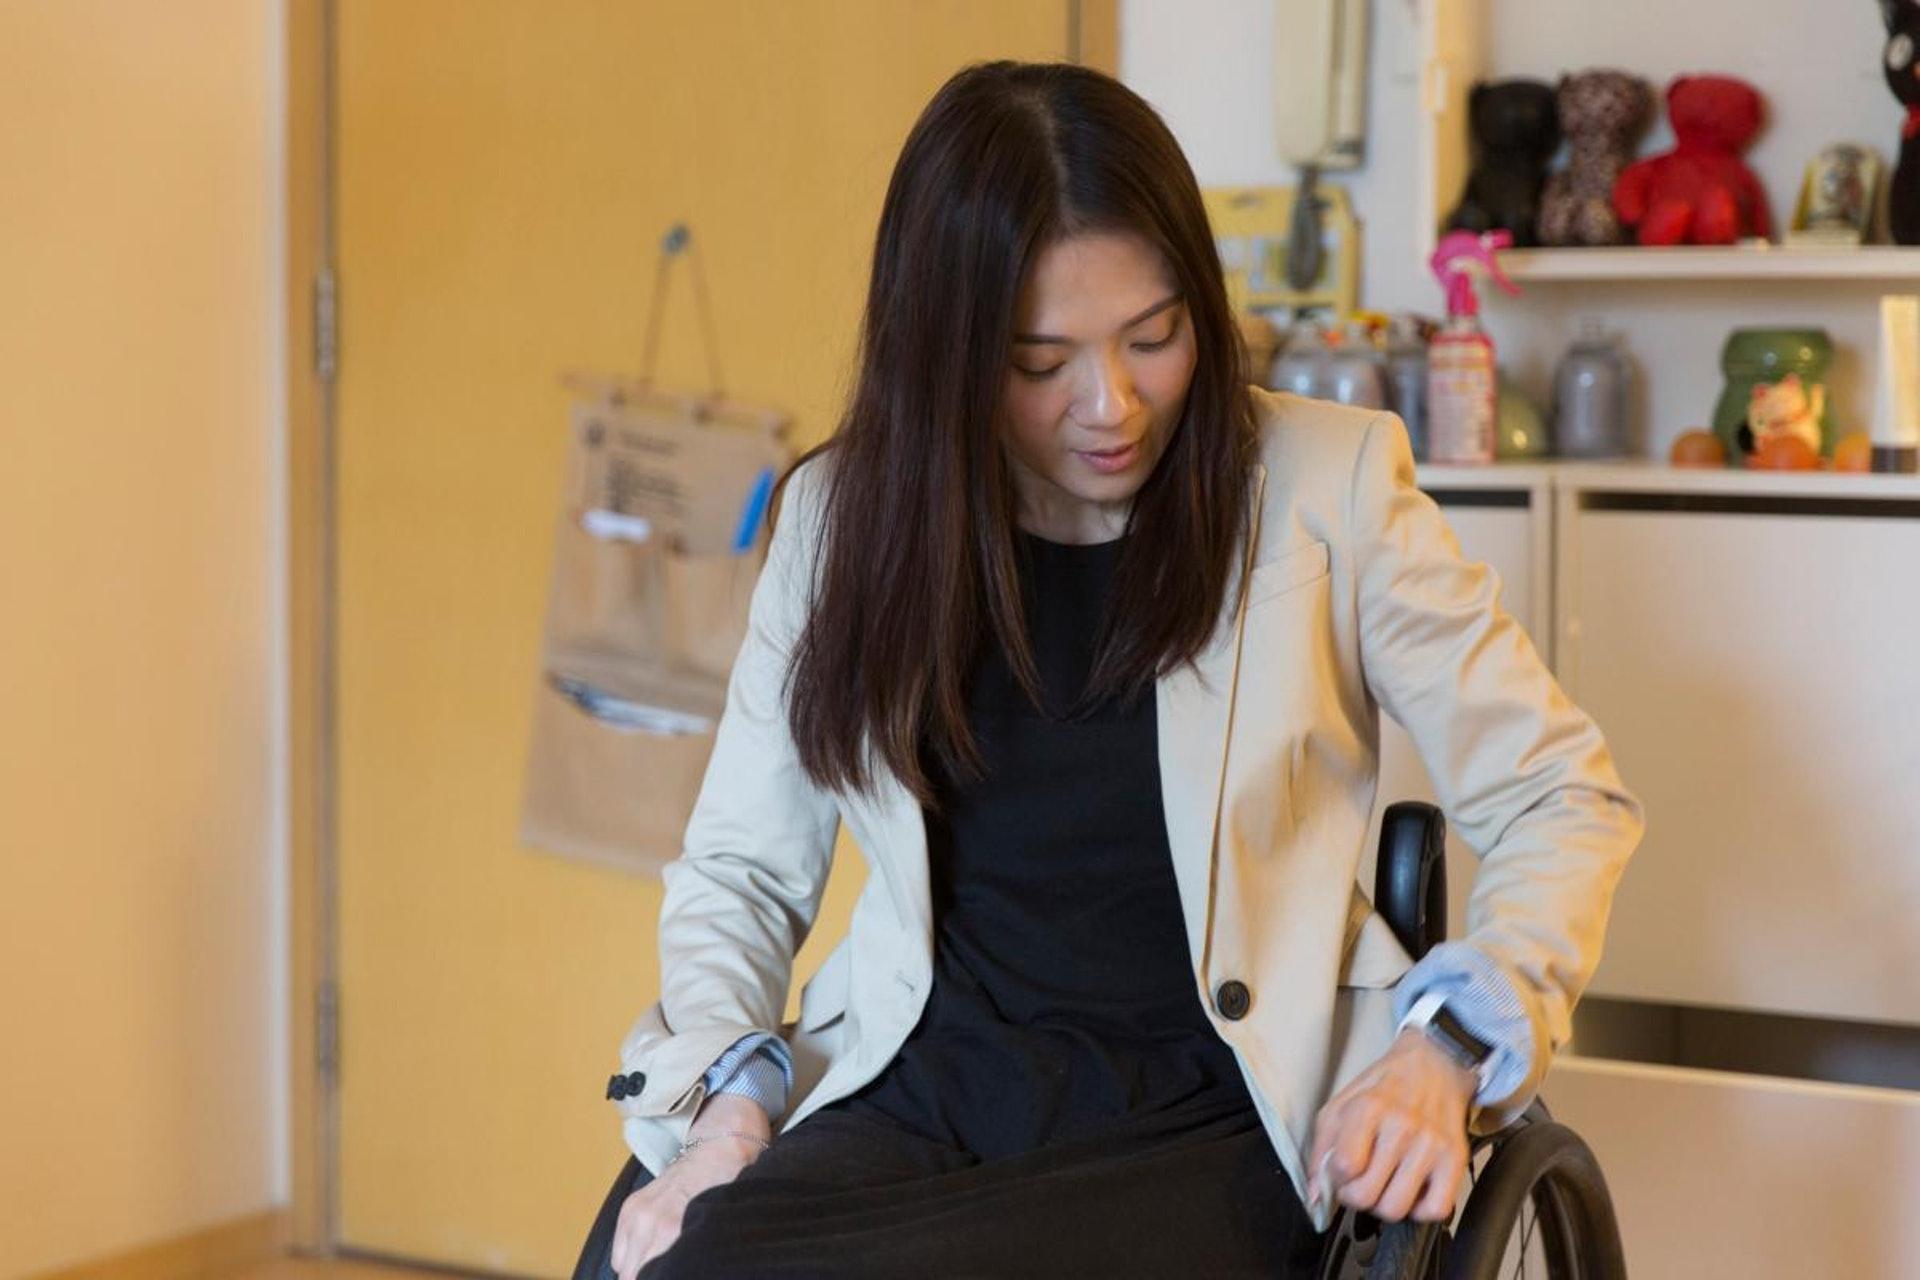 現時Rabi自創設計公司,有時需穿得正式點,但西裝褸的緊身剪裁,不方便推輪椅,穿上變得緊皺皺,腋下位亦常因為動作太大而裂開。